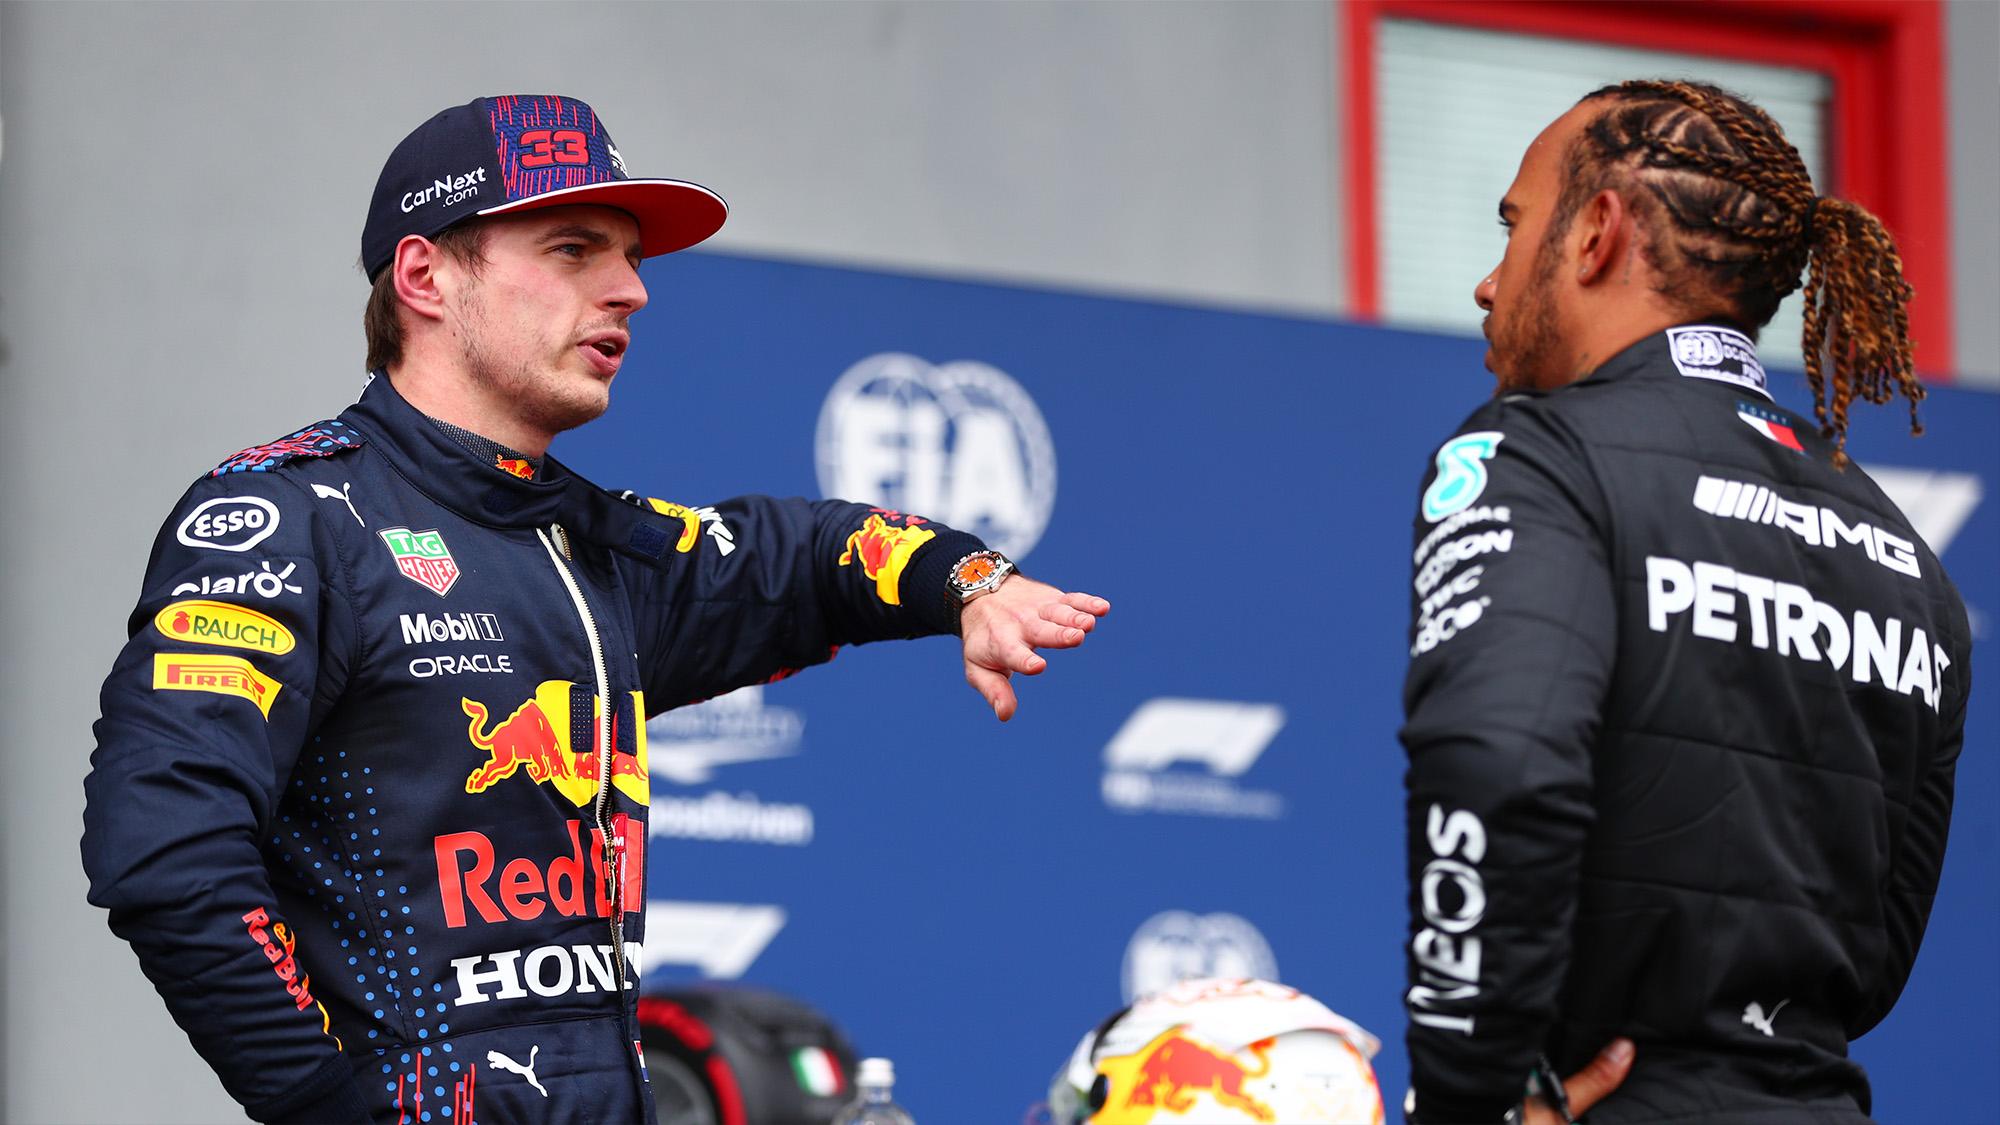 Max Verstappen speaks to Lewis Hamilton at the 2021 Emilia Romagna Grand Prix